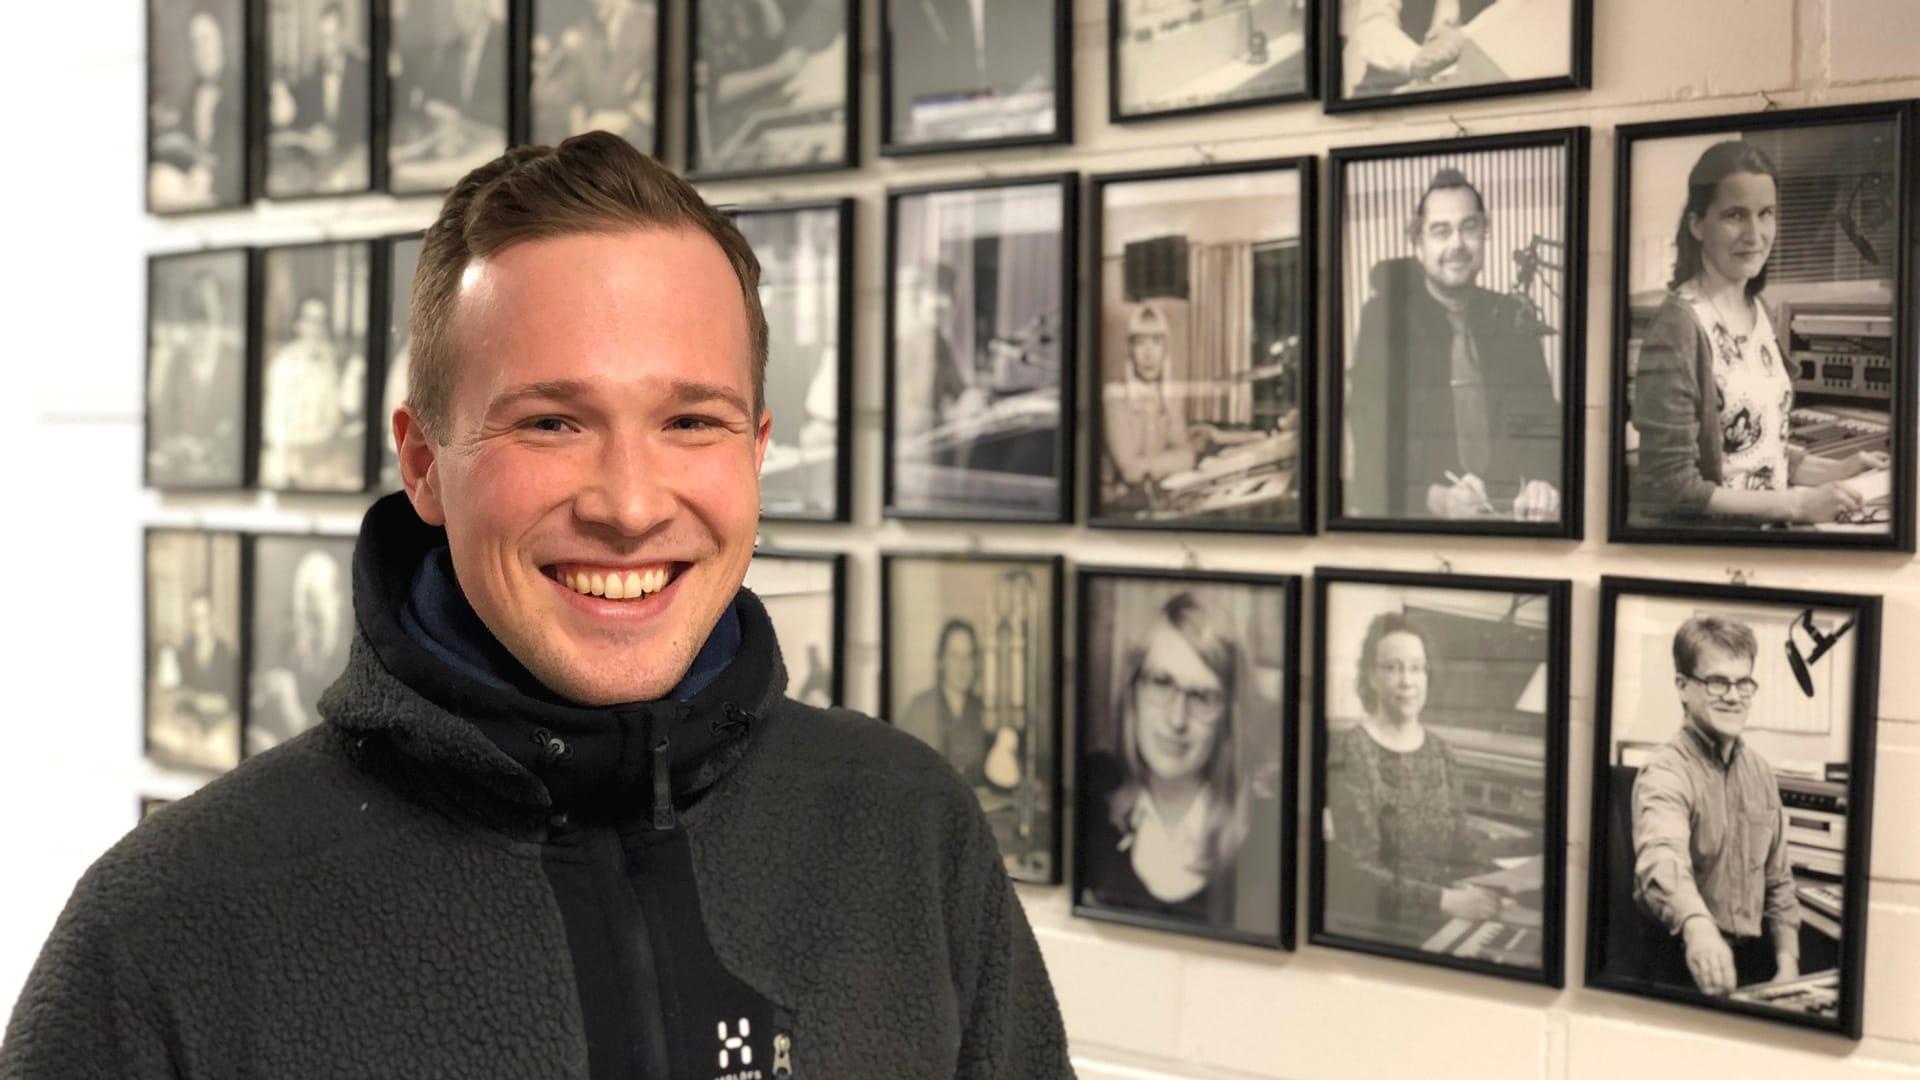 Kuuluttajan vieras: Toimittaja Seija Vaaherkumpu | Kuuluttajan vieras | Radio | Areena | yle.fi